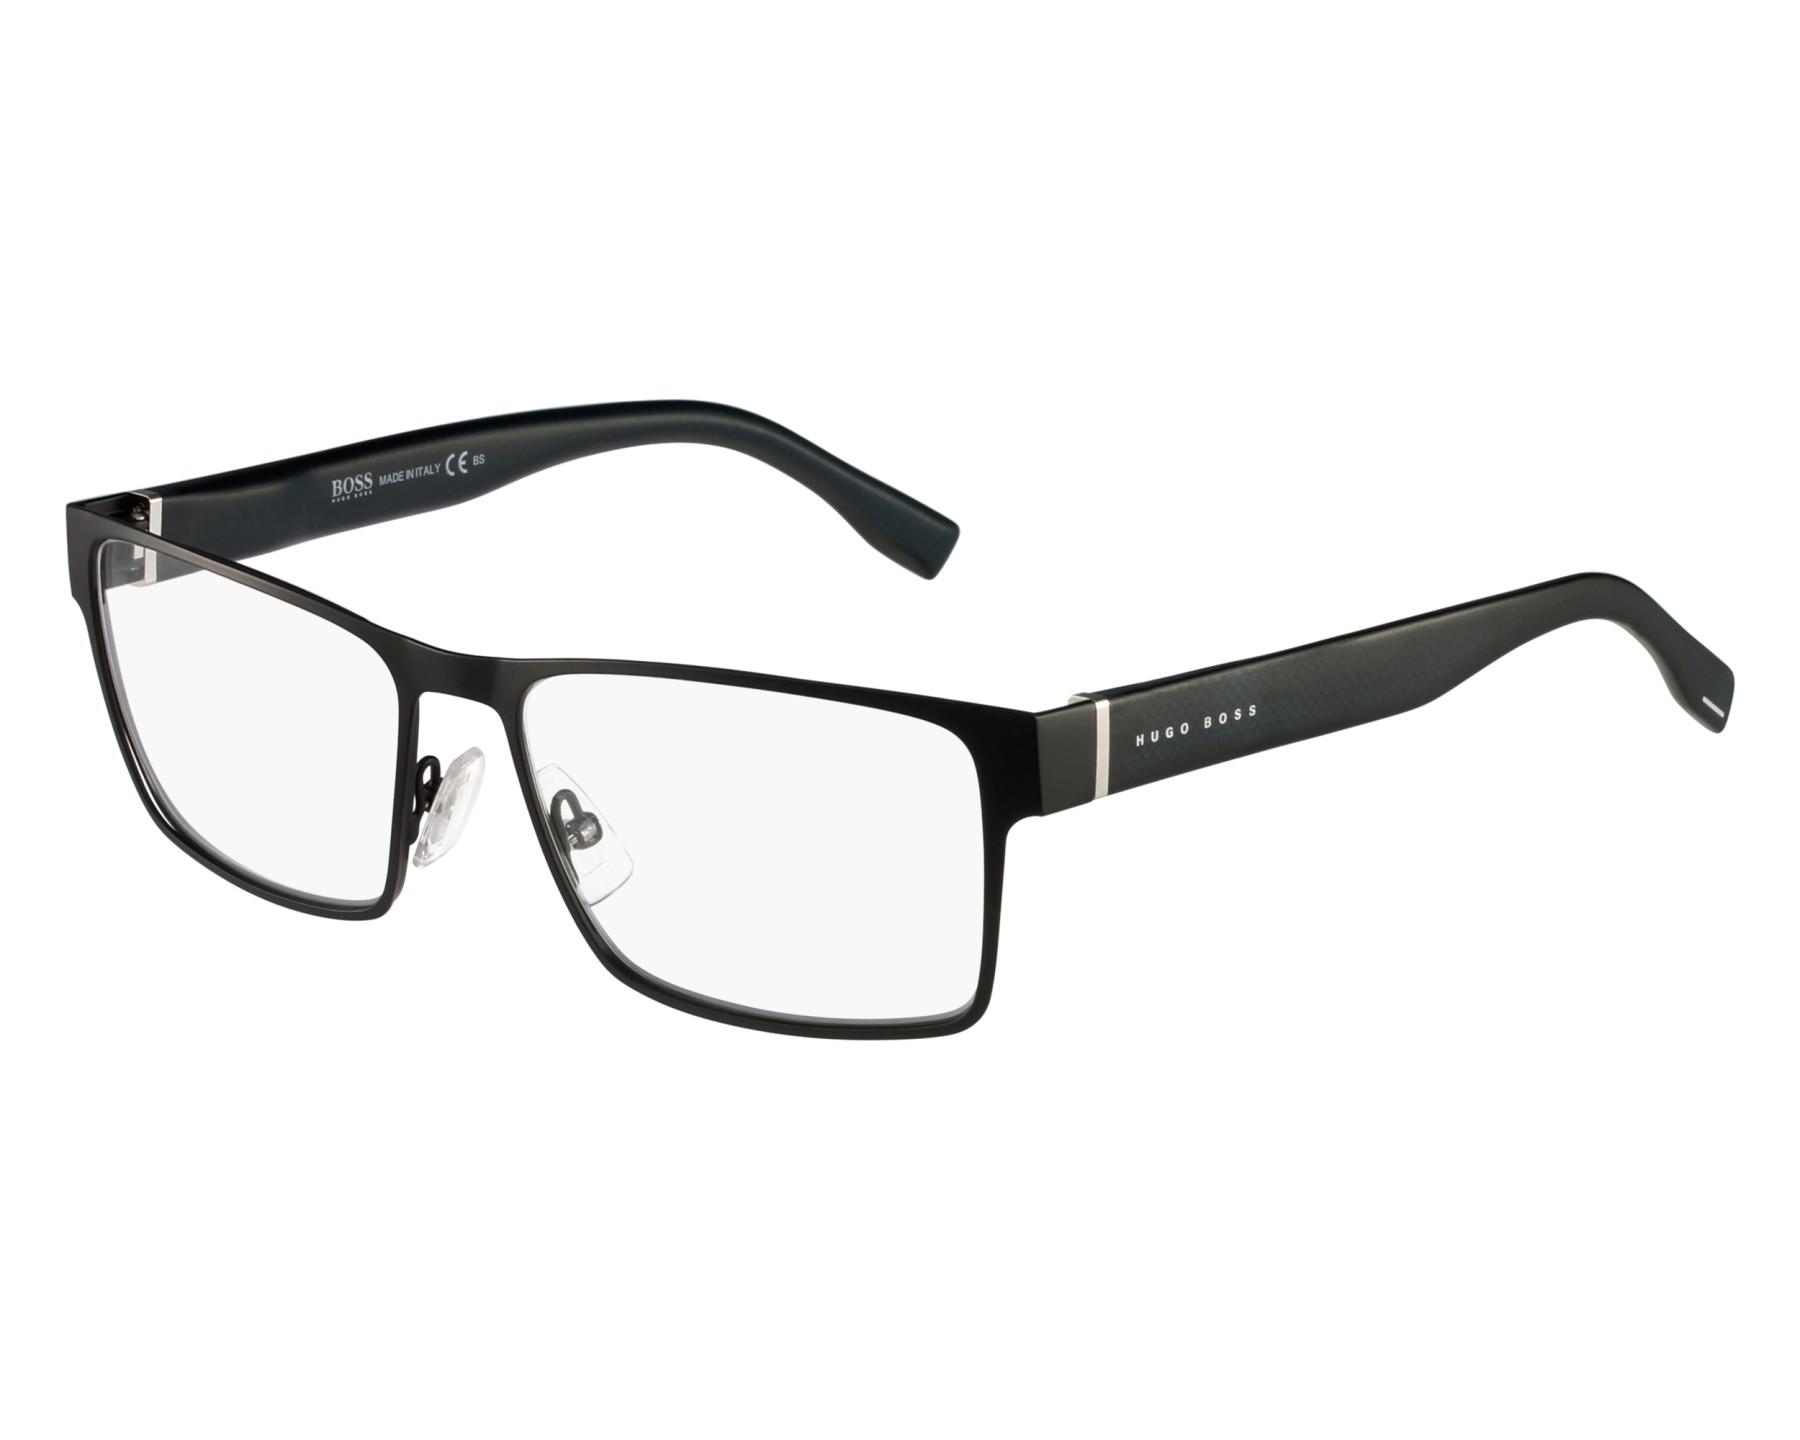 Hugo Boss Brille BOSS-0730 K9B schwarz - Gläser: